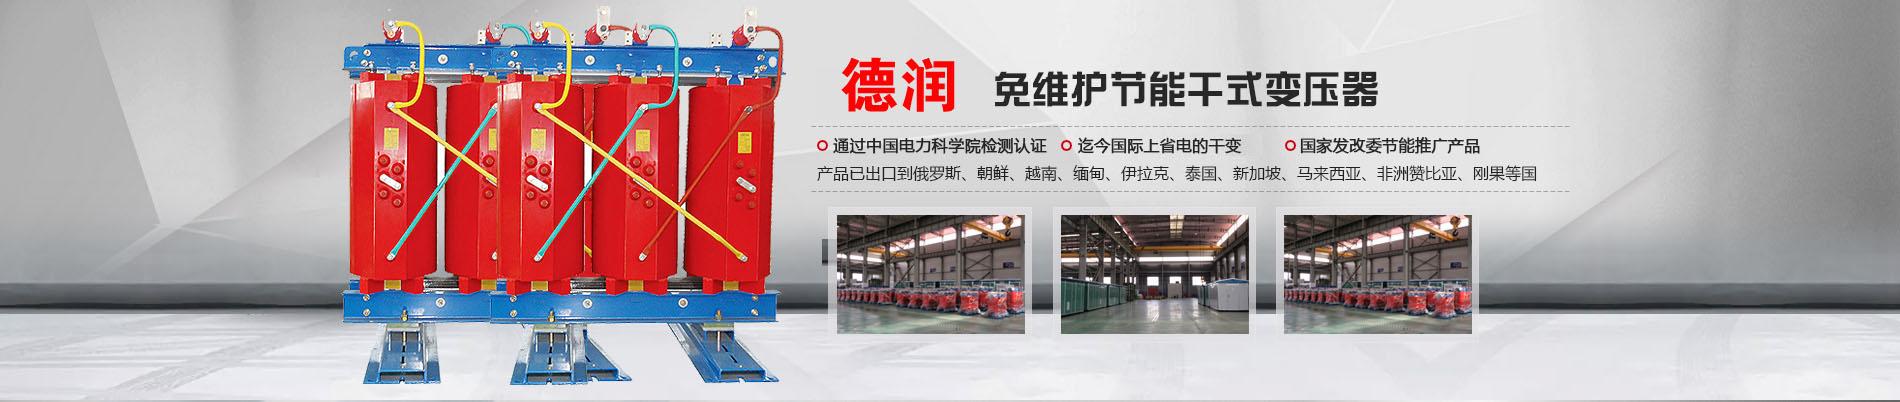 湛江干式变压器厂家